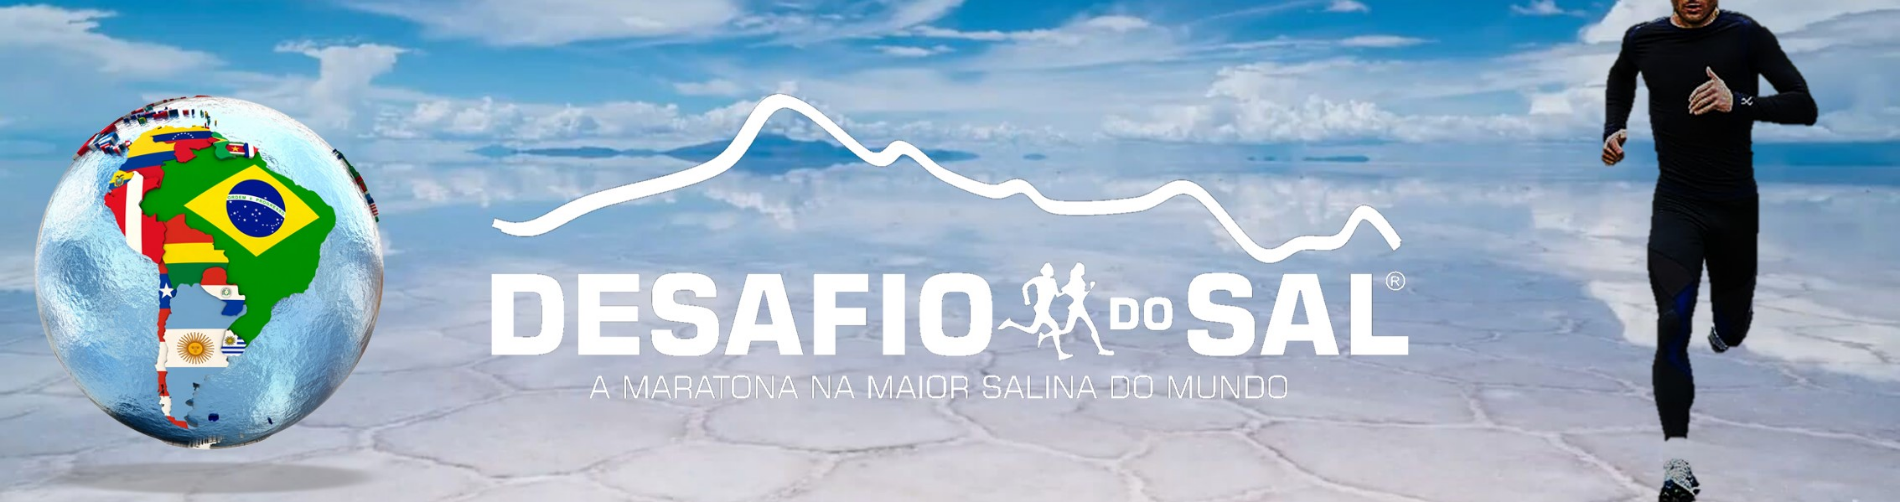 DESAFIO DO SAL